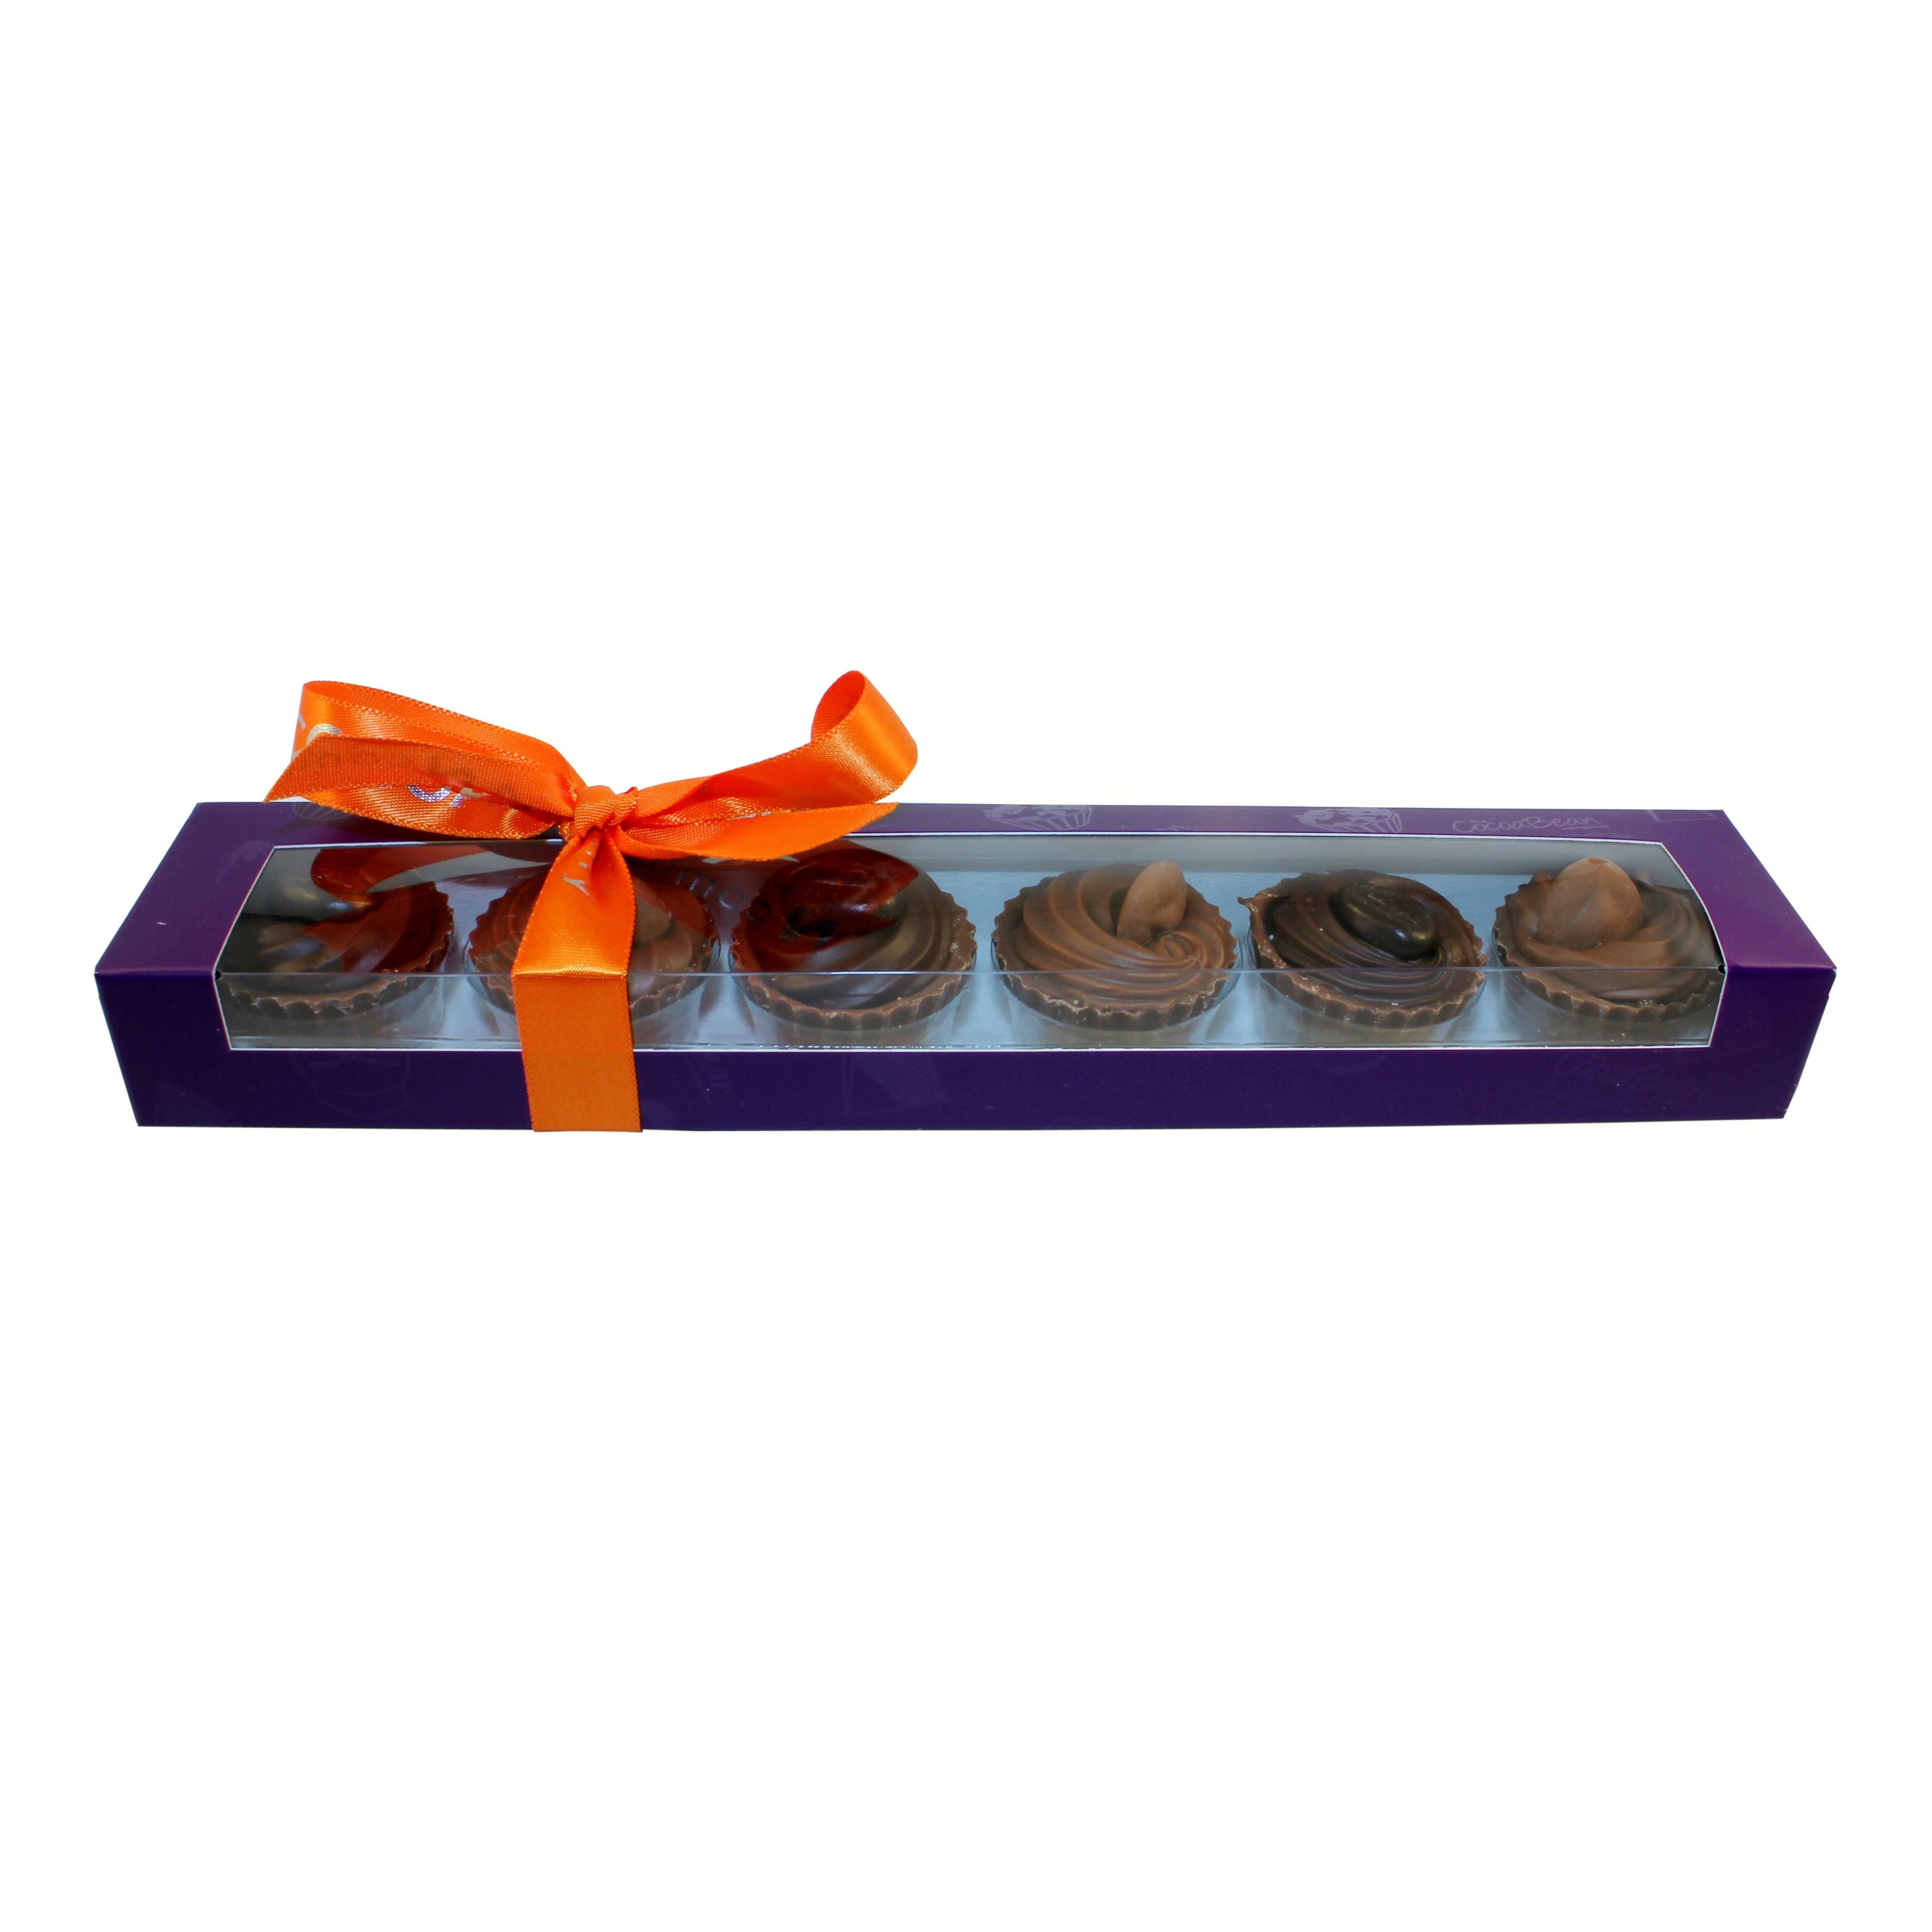 caramel & cappucino cupcakes